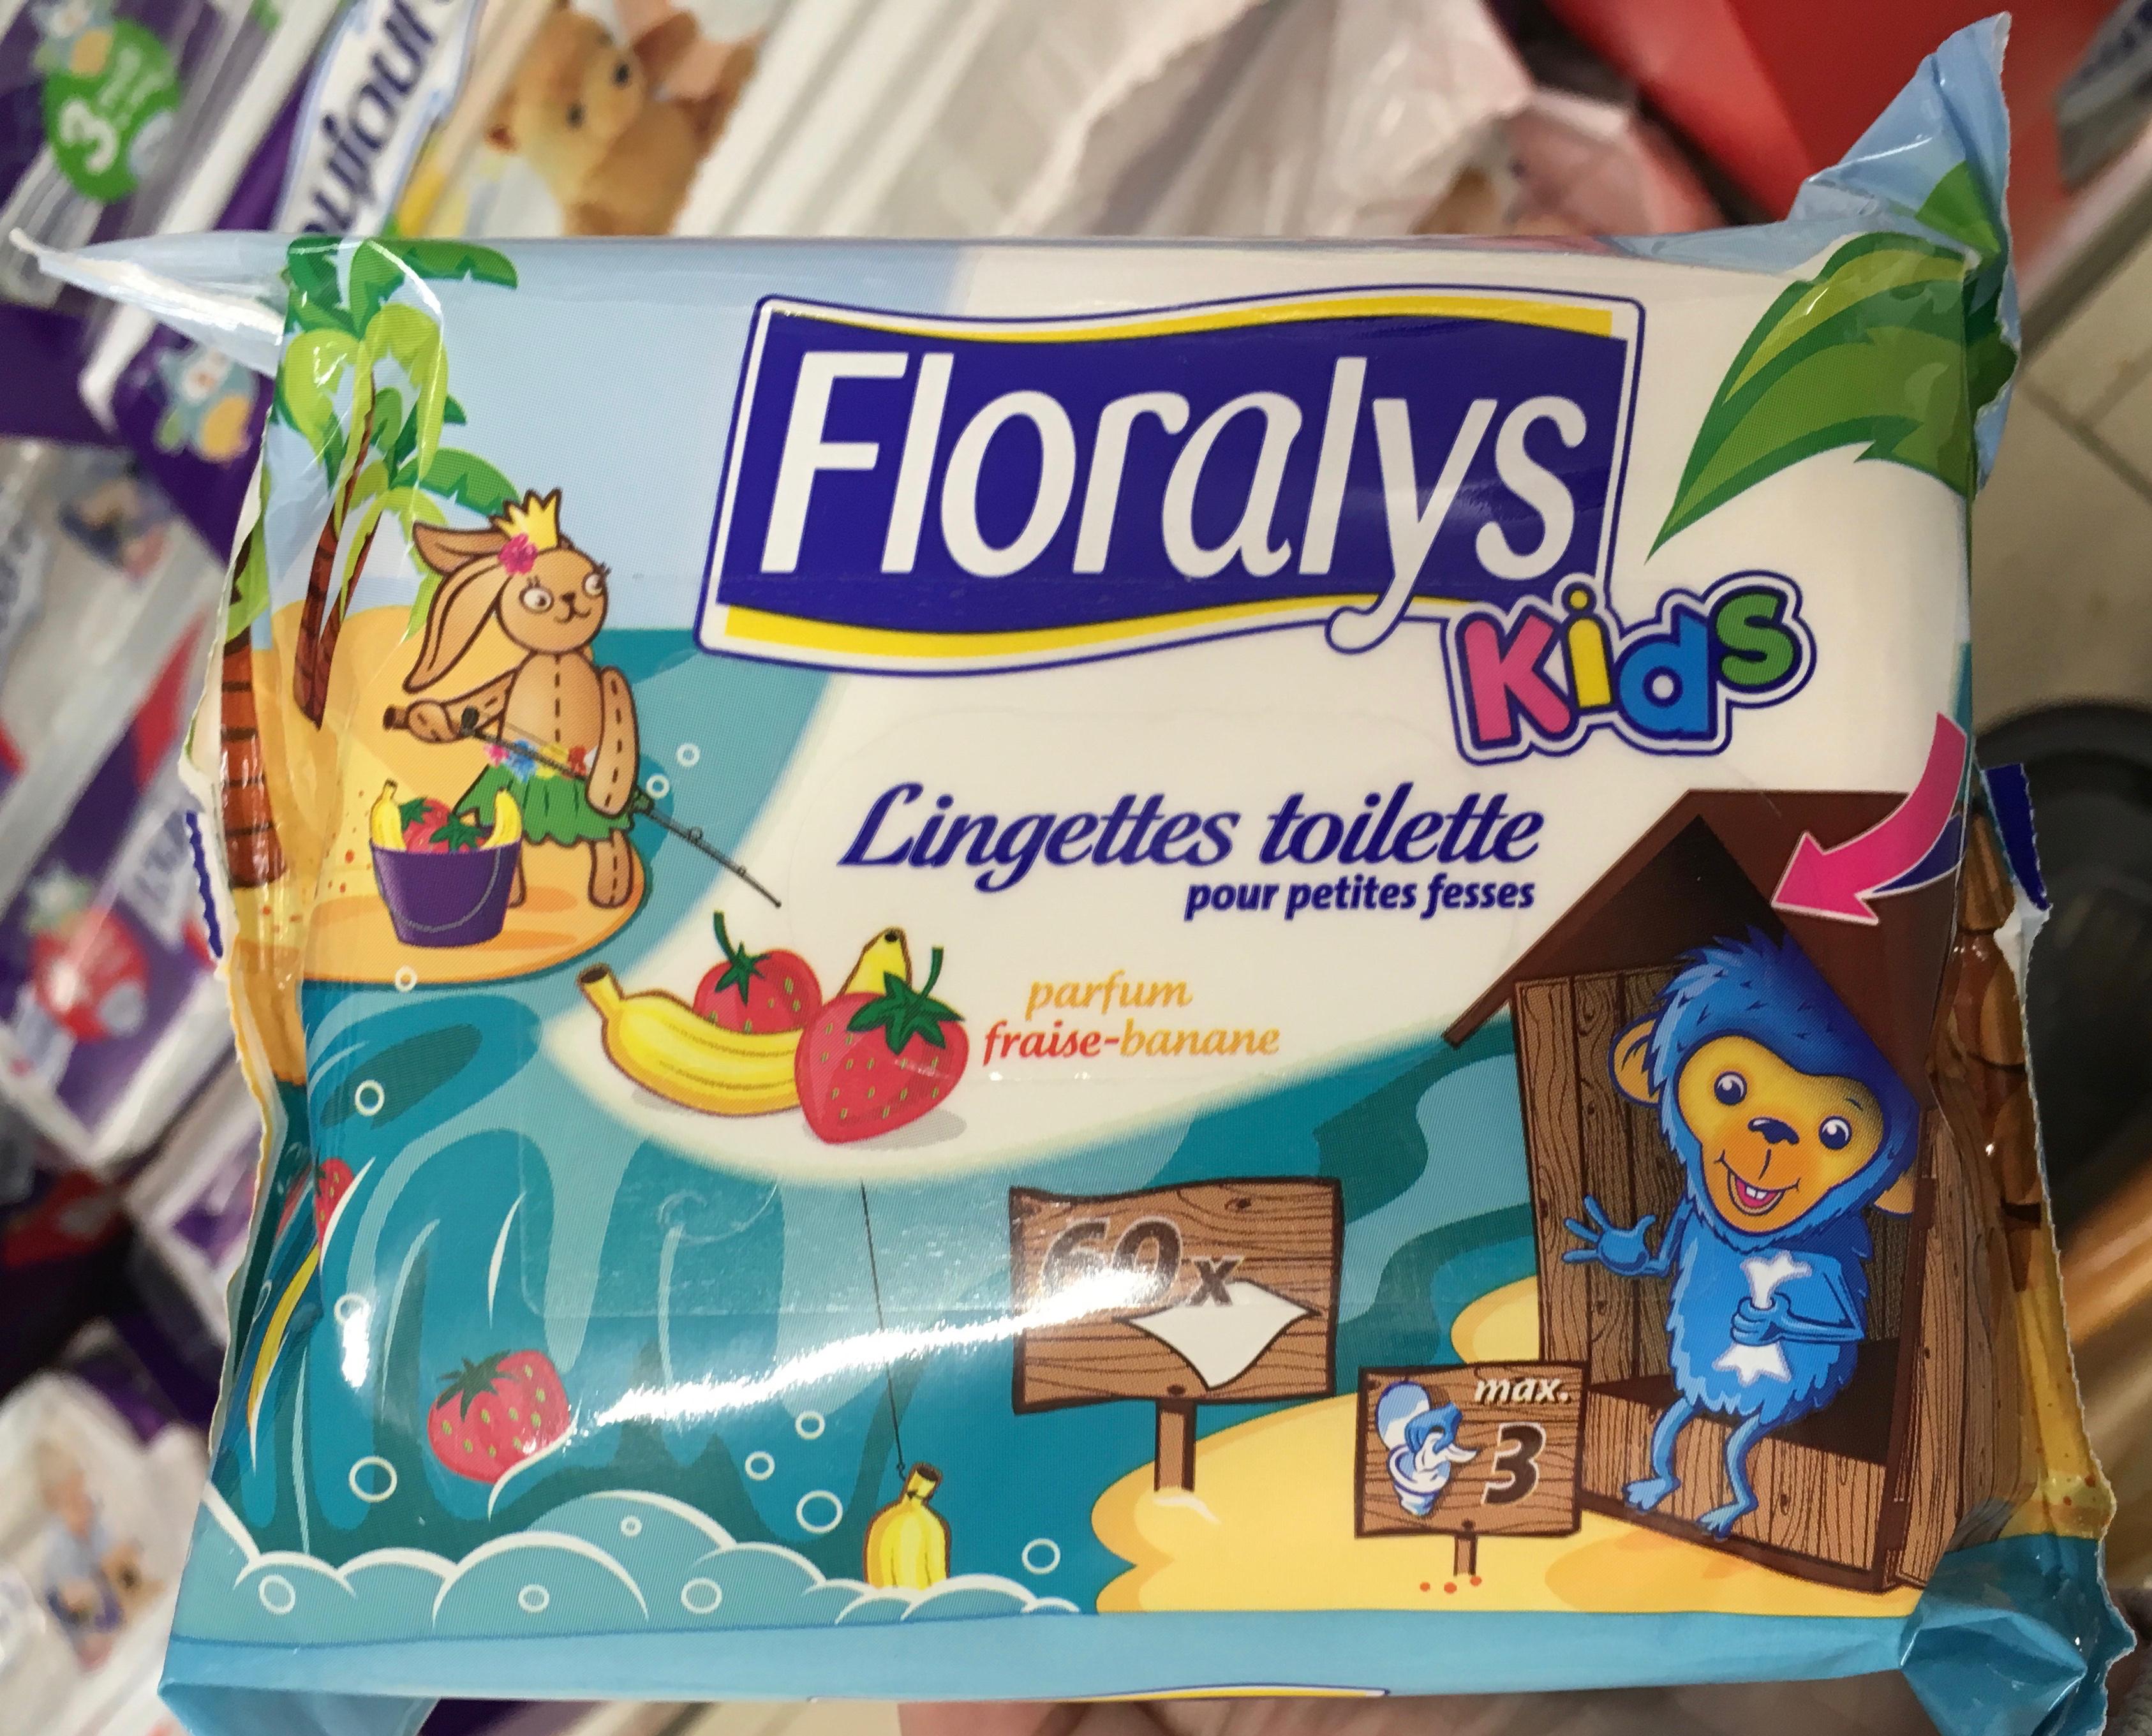 Lingettes toilette pour petites fesses parfum fraise-banane - Produit